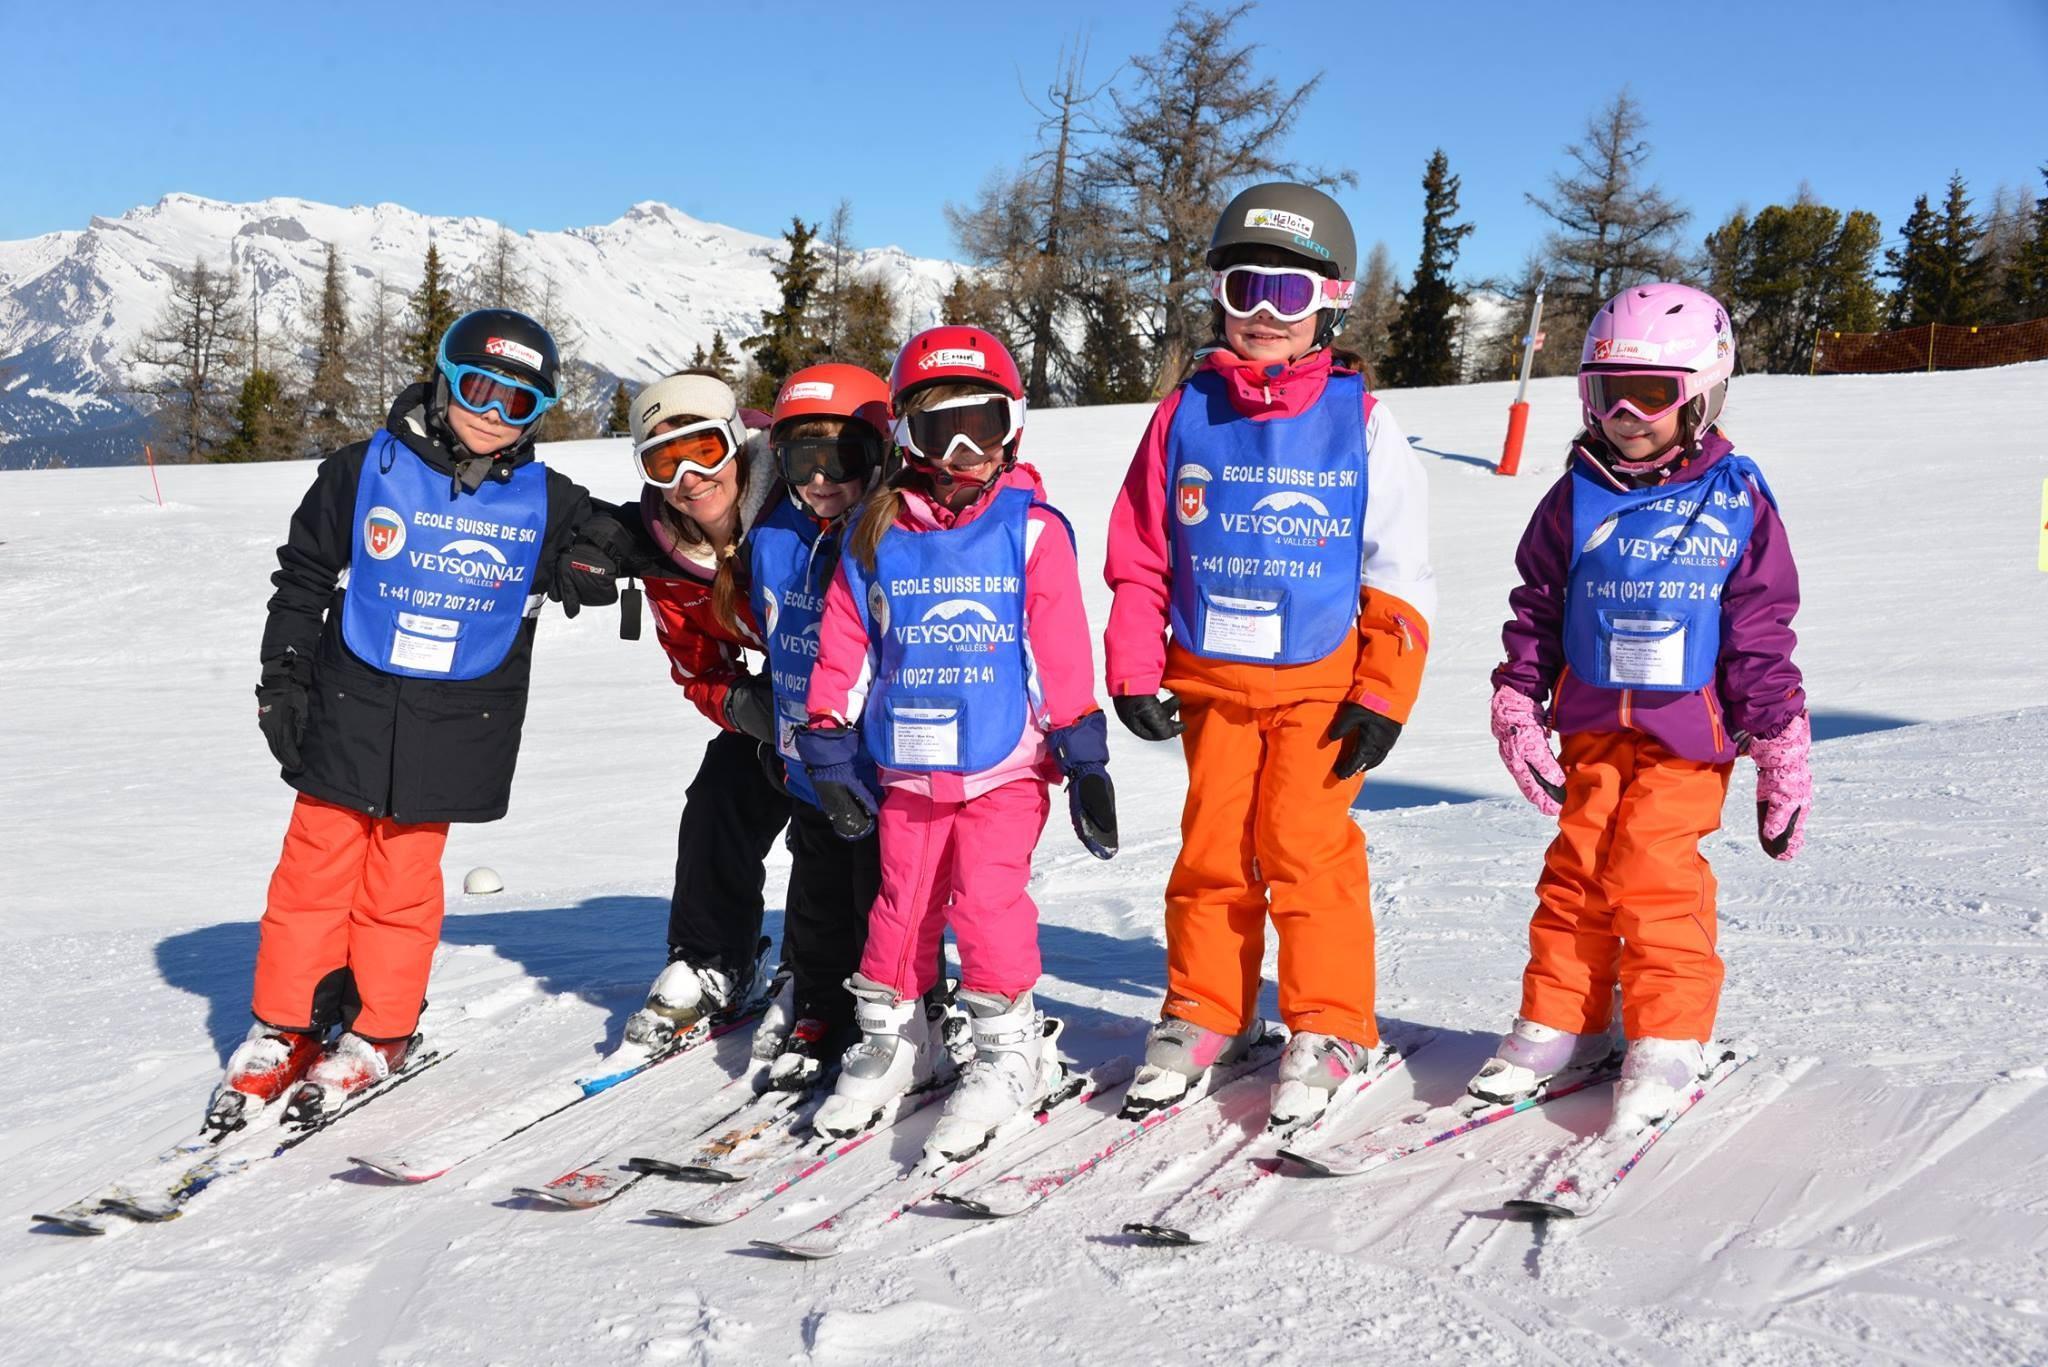 Cours de ski Enfants (3-15 ans) pour Tous niveaux - Mercredi